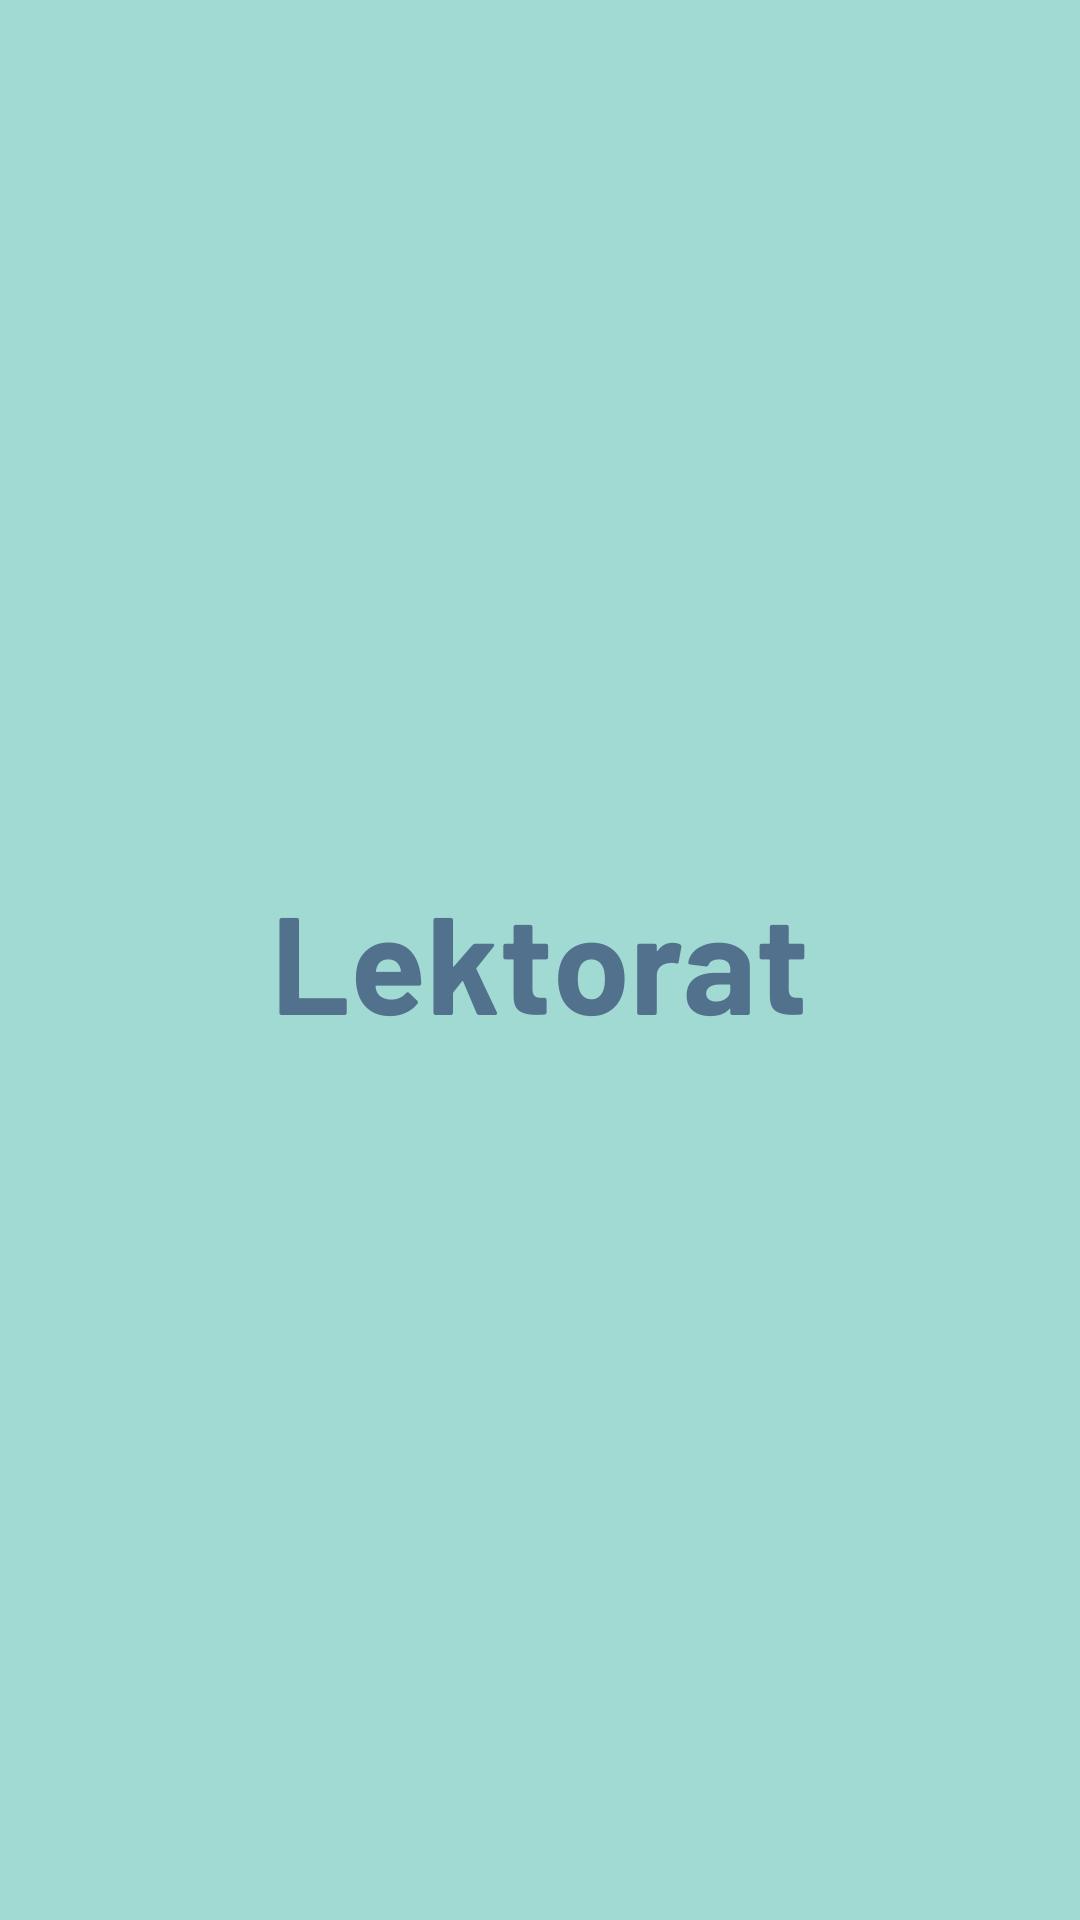 Lektorat Text